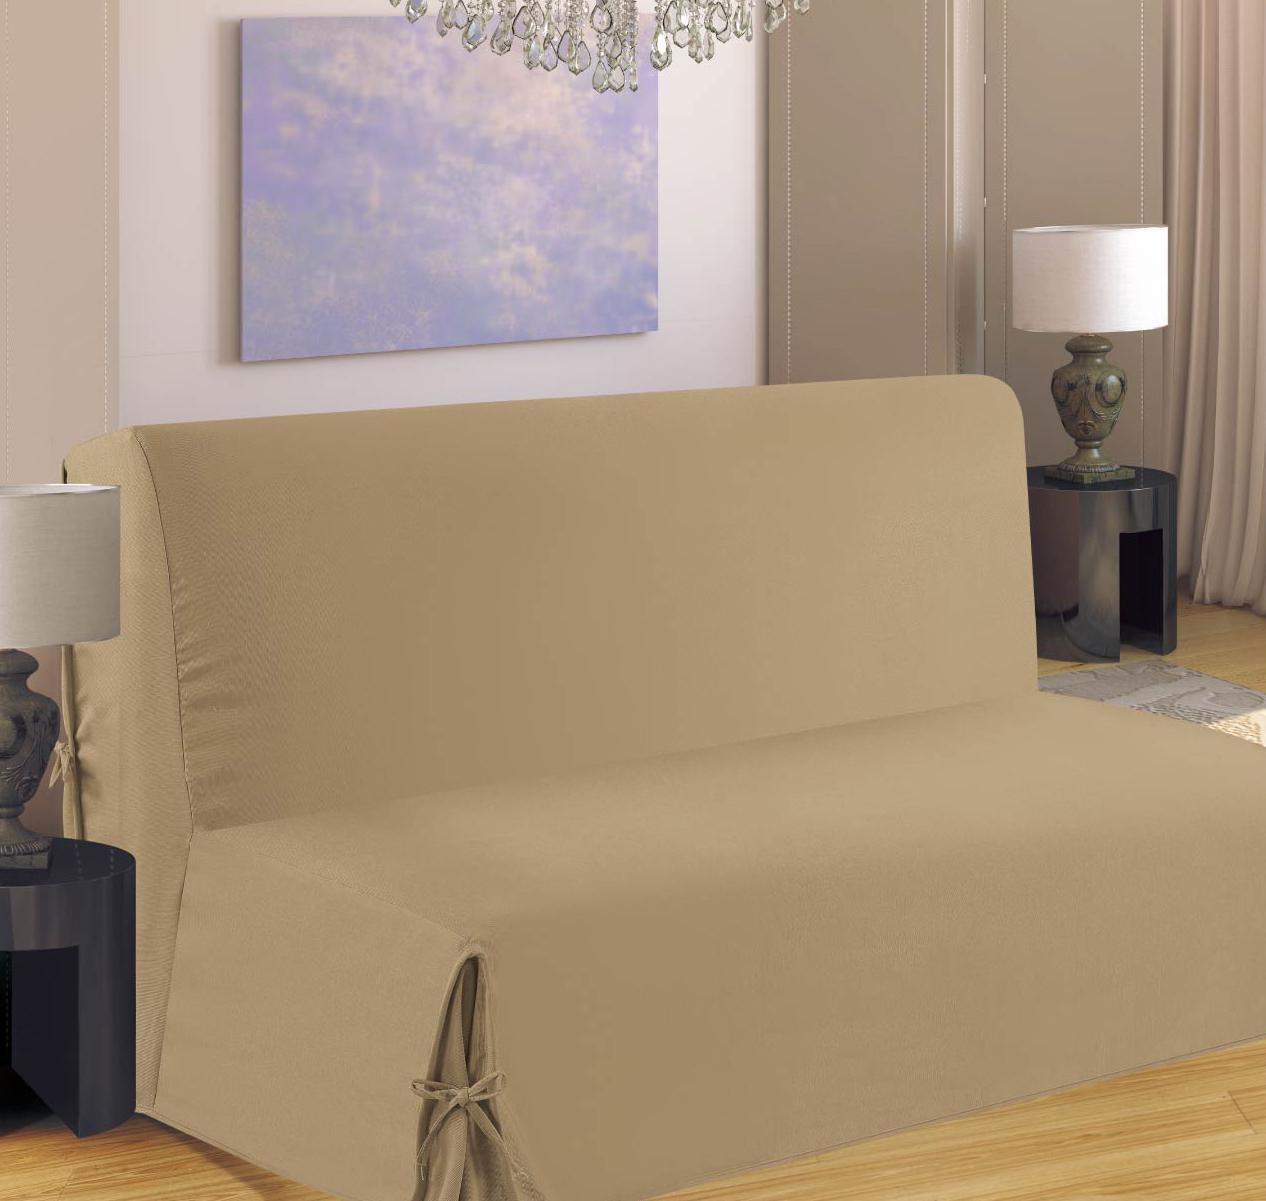 Funda de sof por bz beige negro burdeos topo for Sofas por 50 euros